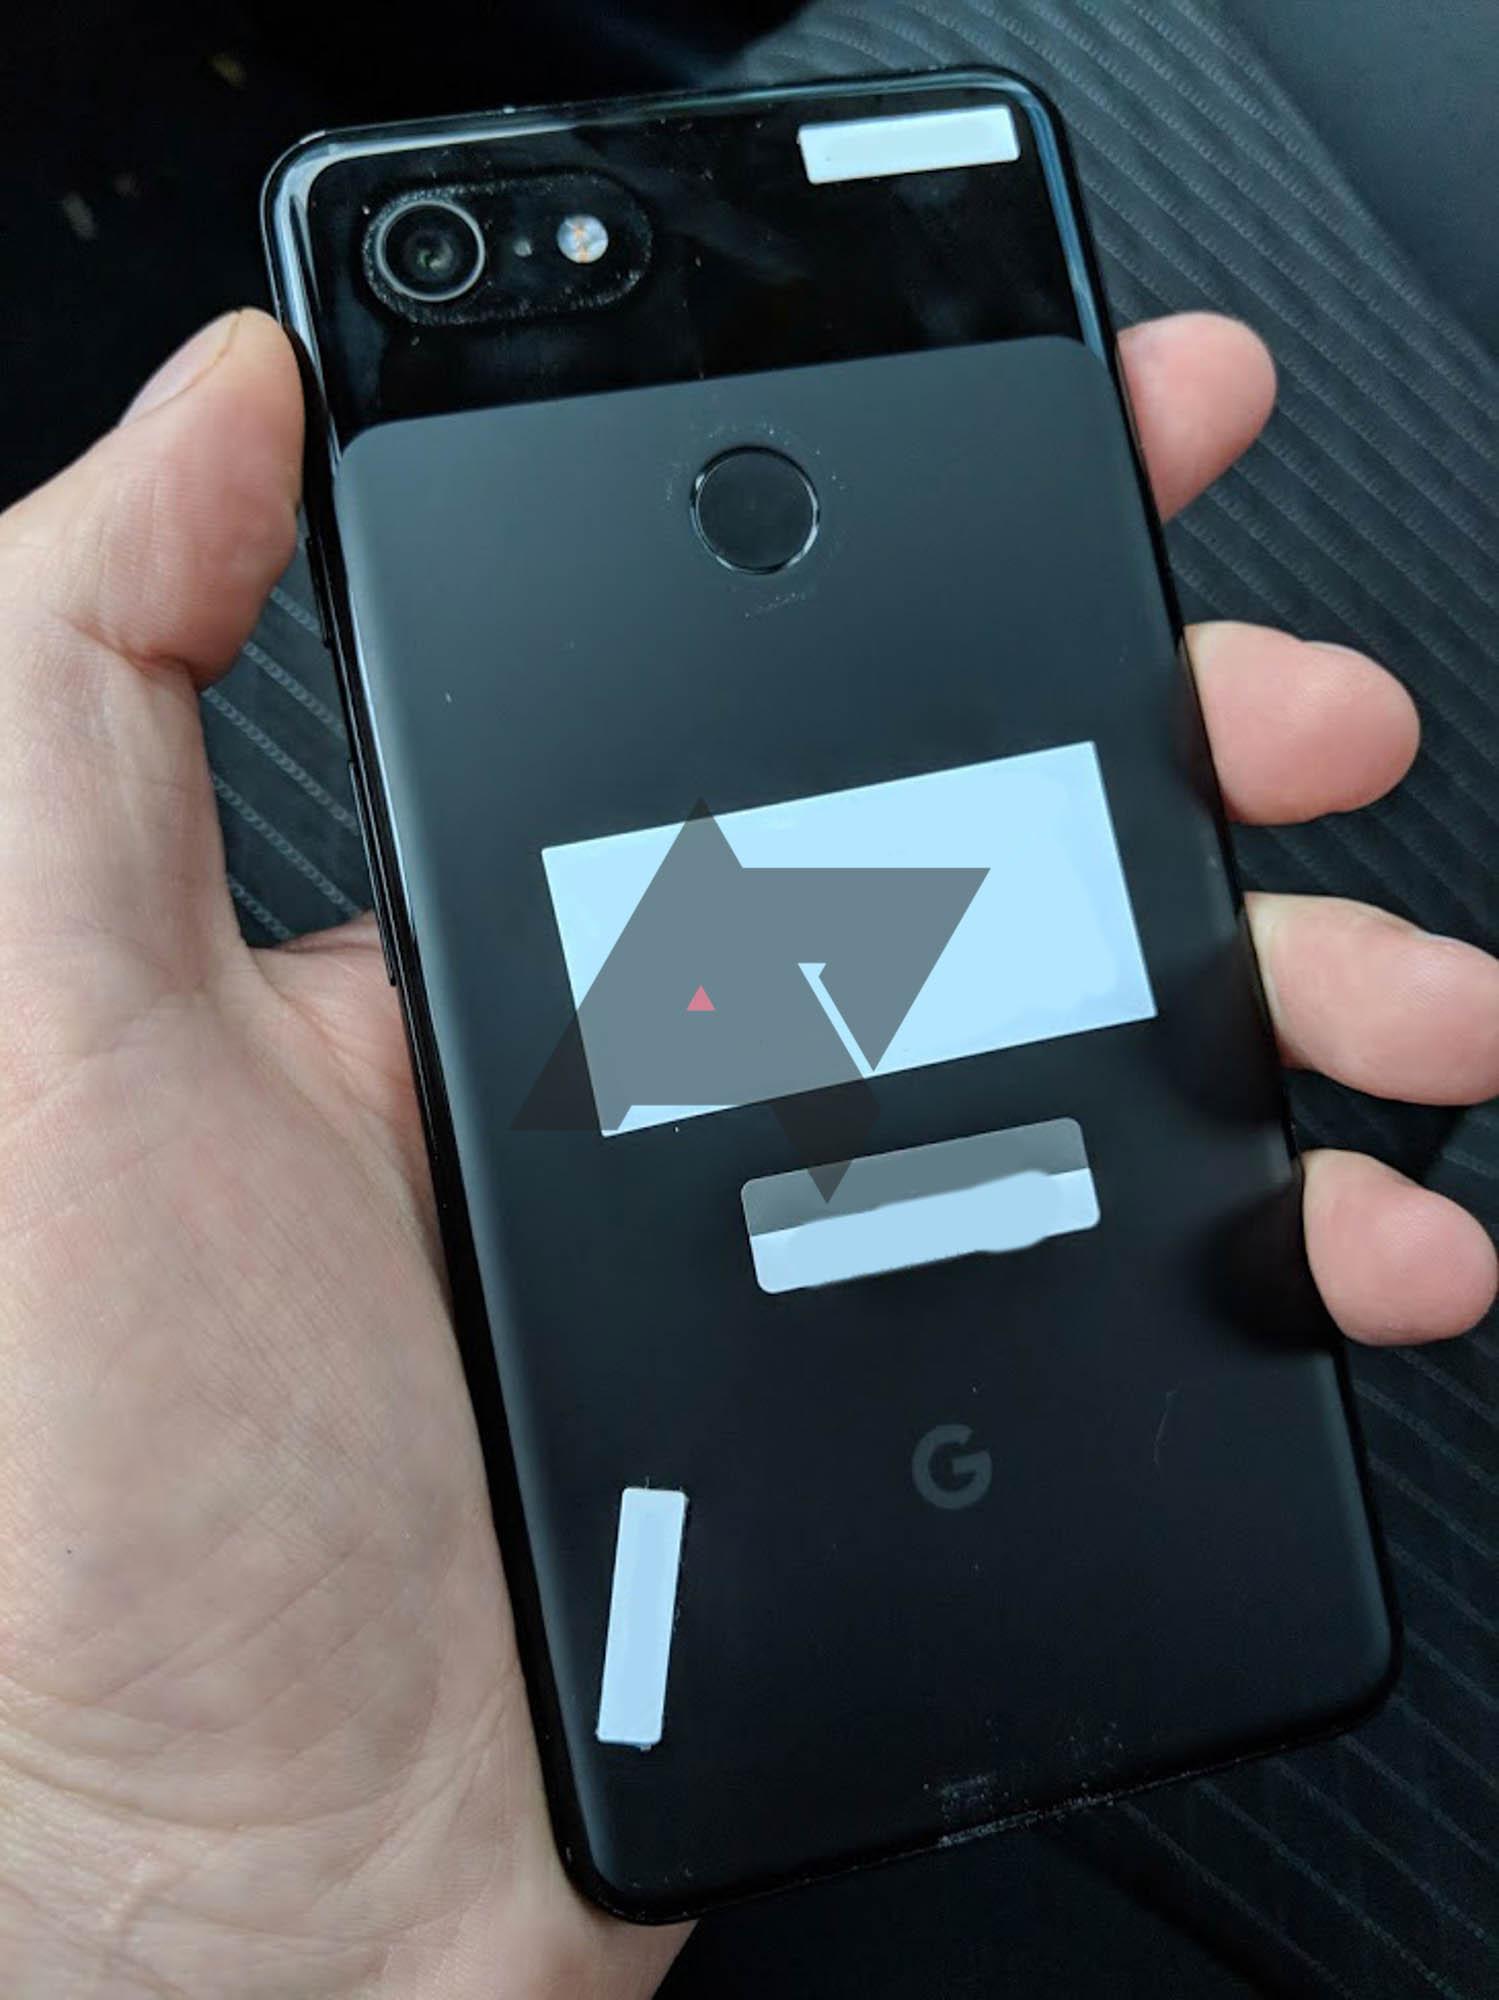 3 - قبل إطلاقه بشهر تقريبا، سائق يعثر على بيكسل 3 XL في سيارة تابعة لشركة Lyft